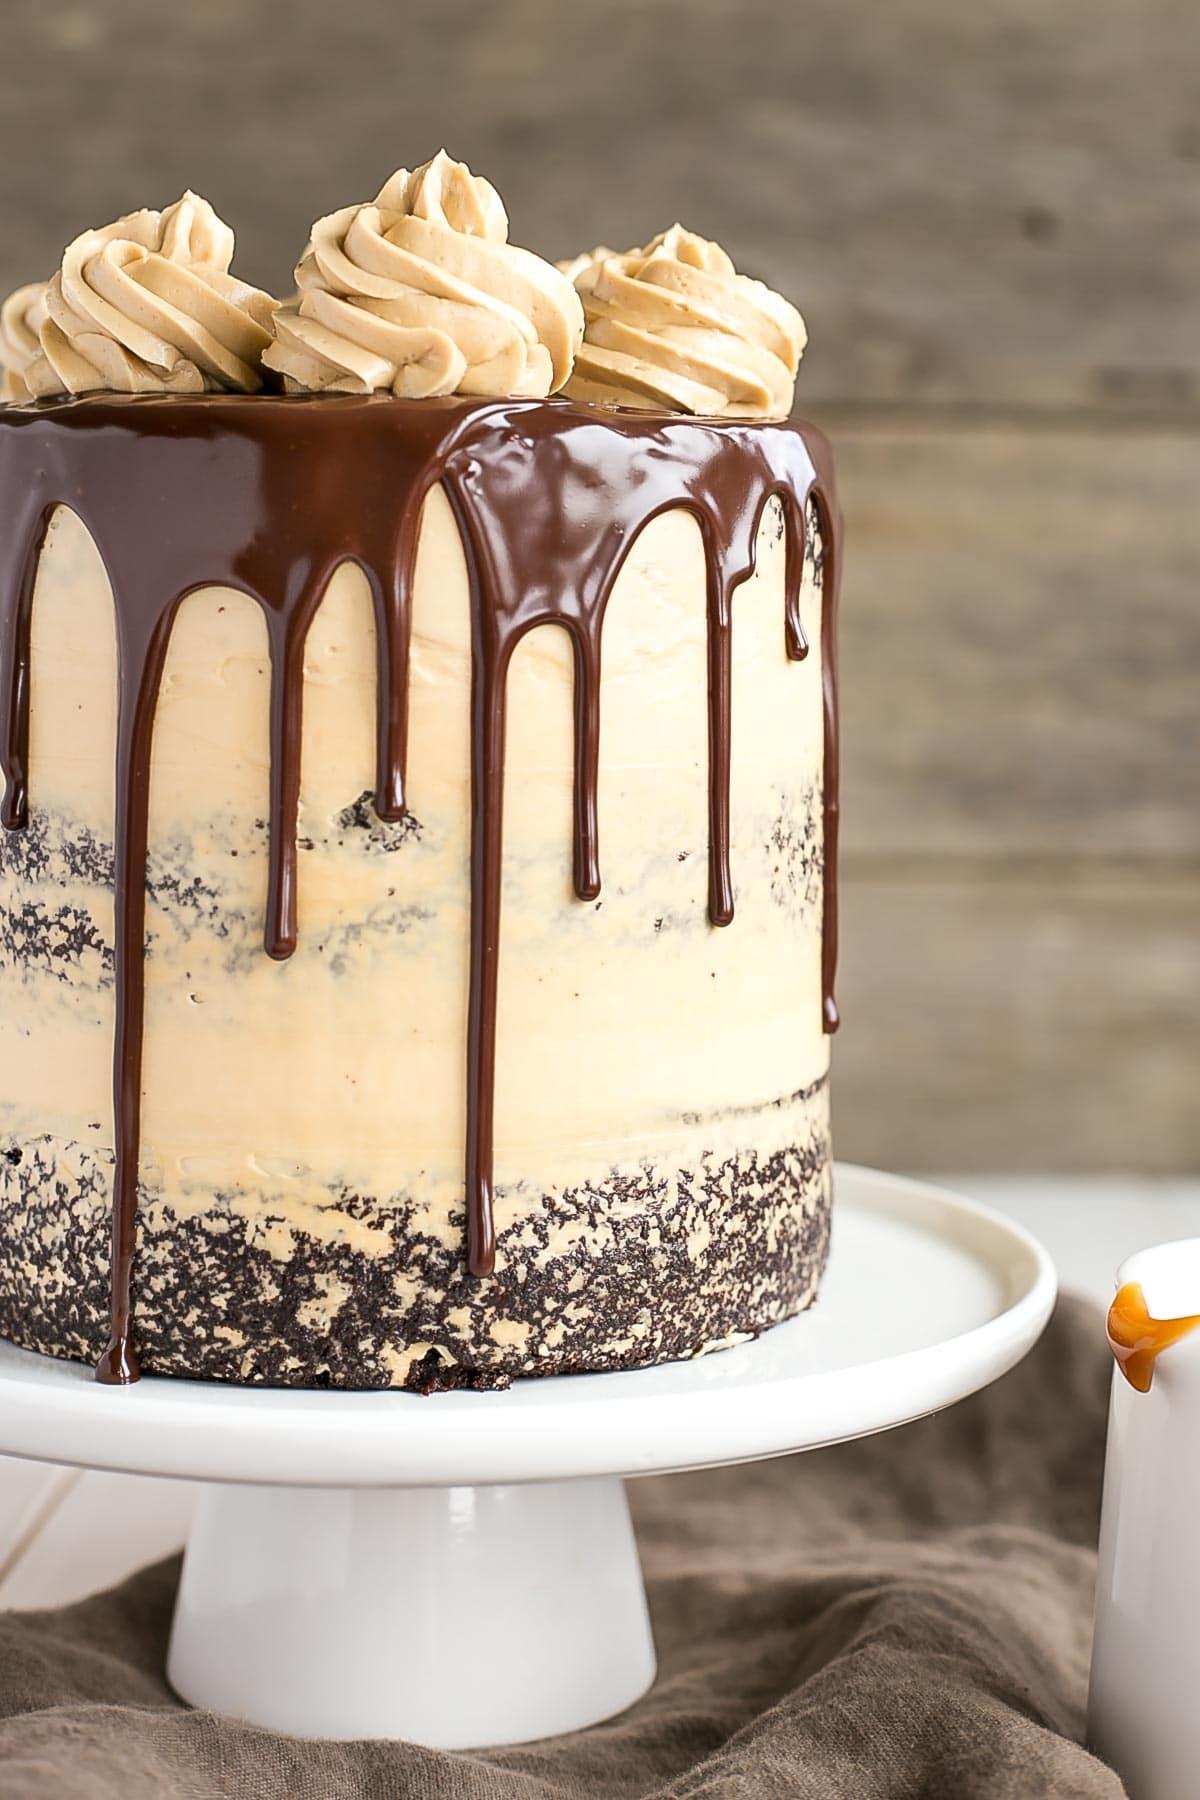 Le combo ultime du chocolat et du caramel se réunit dans ce délicieux gâteau au chocolat Dulce de Leche.  |  Livforcake.com